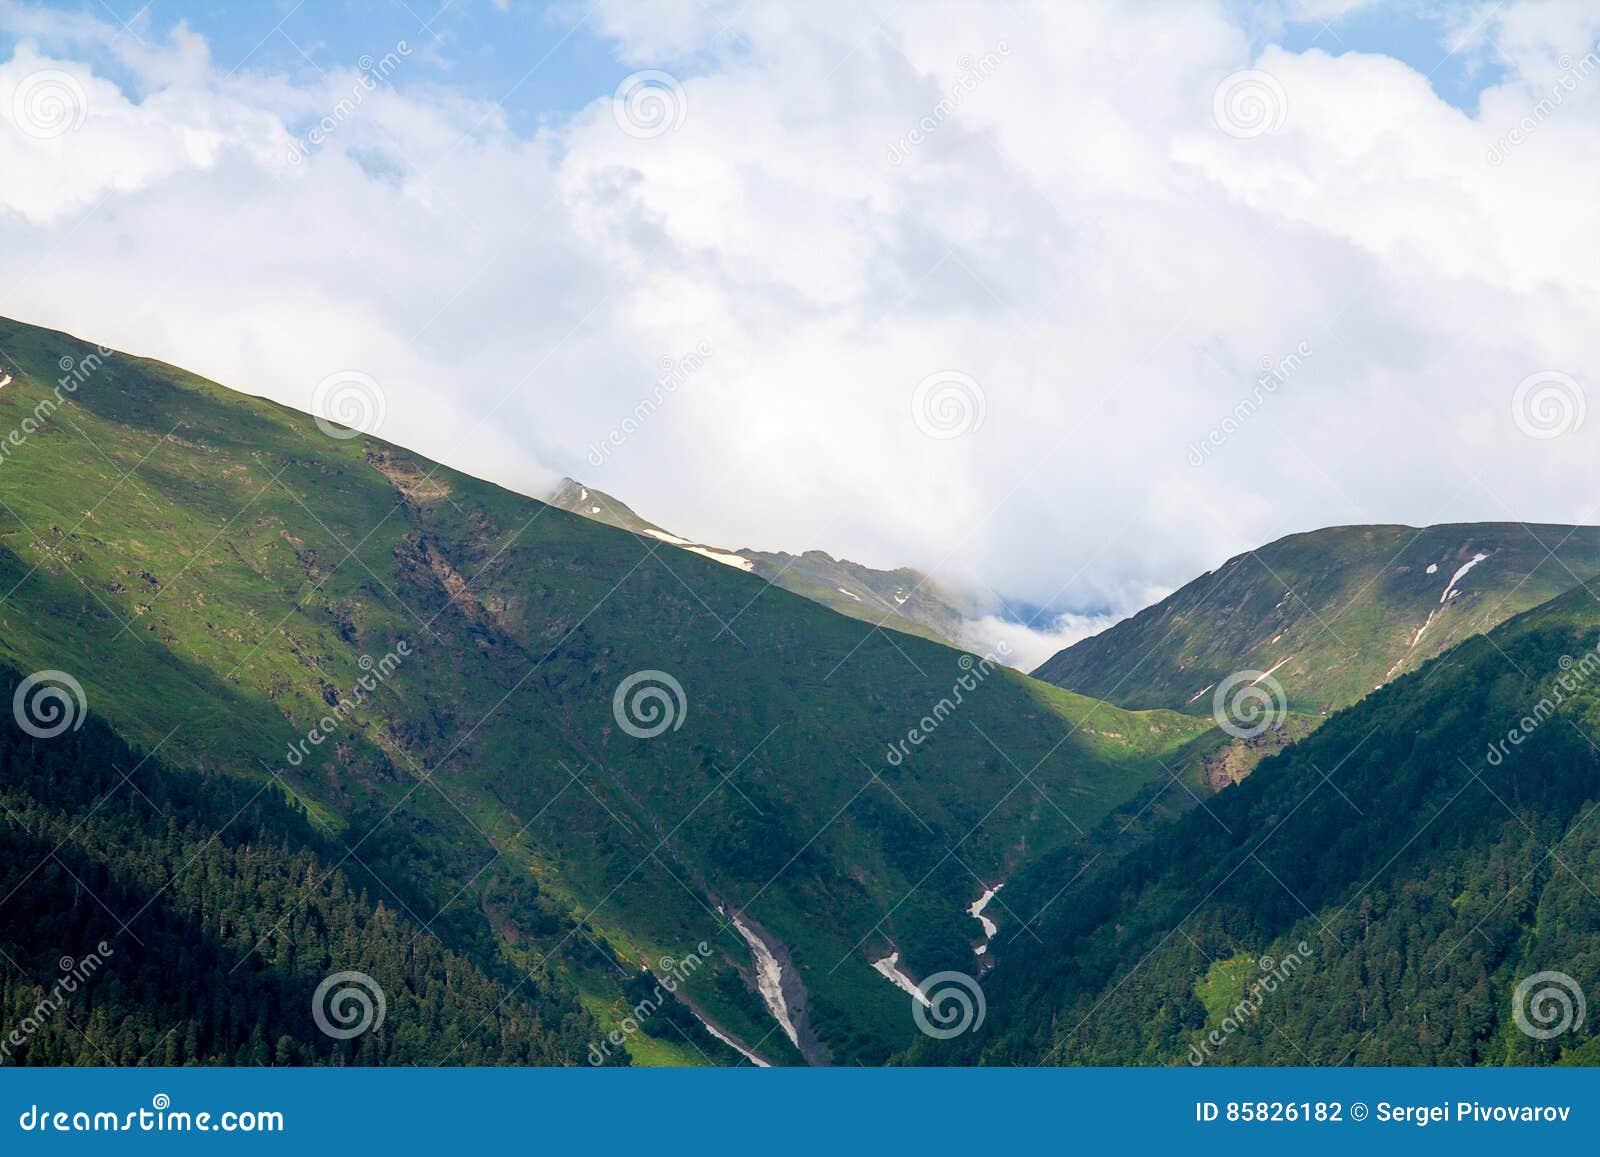 Gorge nas montanhas florestados com fenda e silêncio e costa da neve